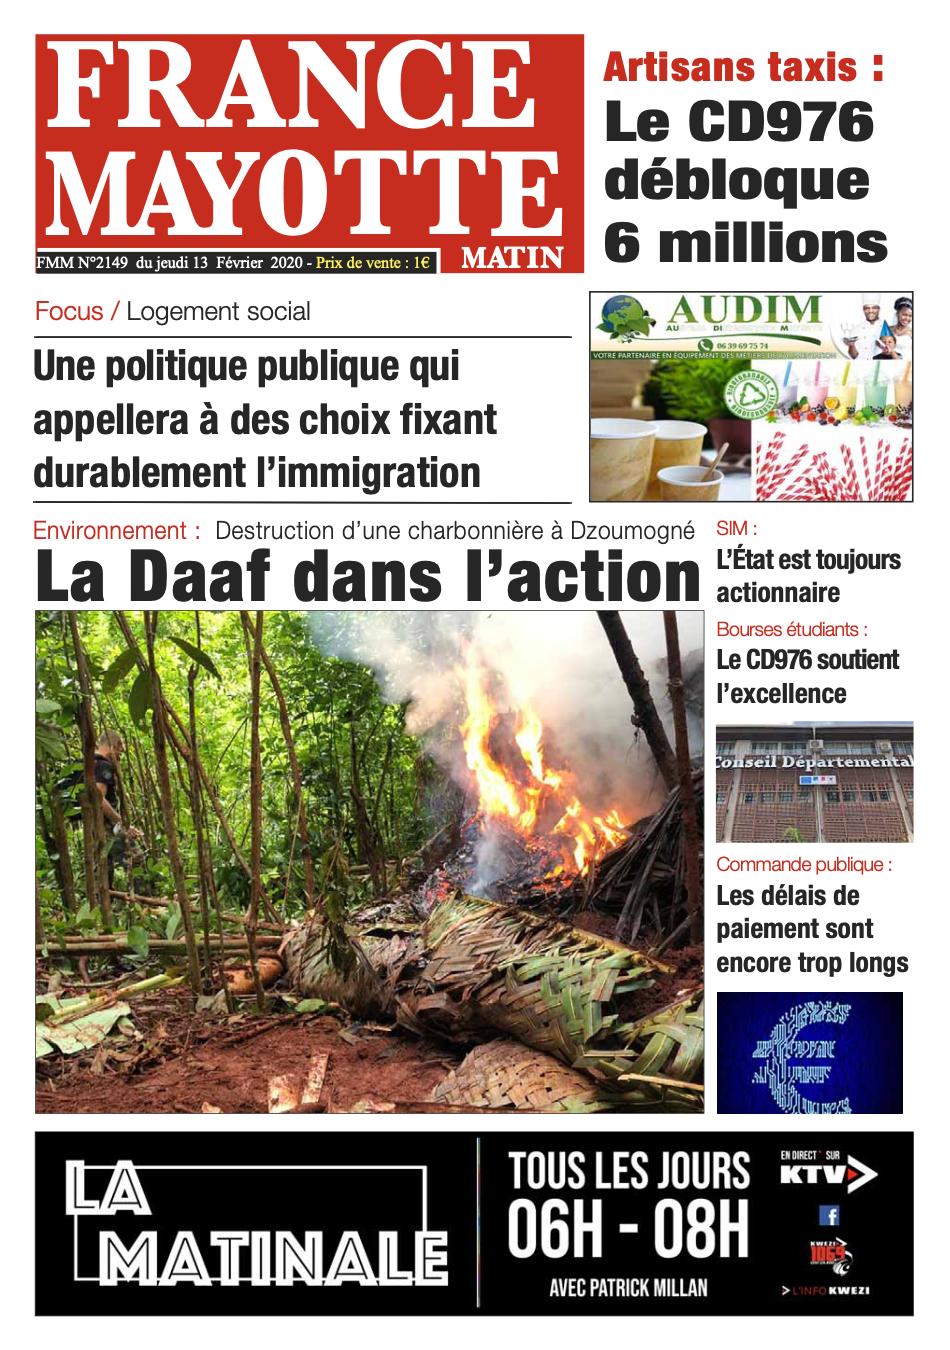 France Mayotte Jeudi 13 février 2020